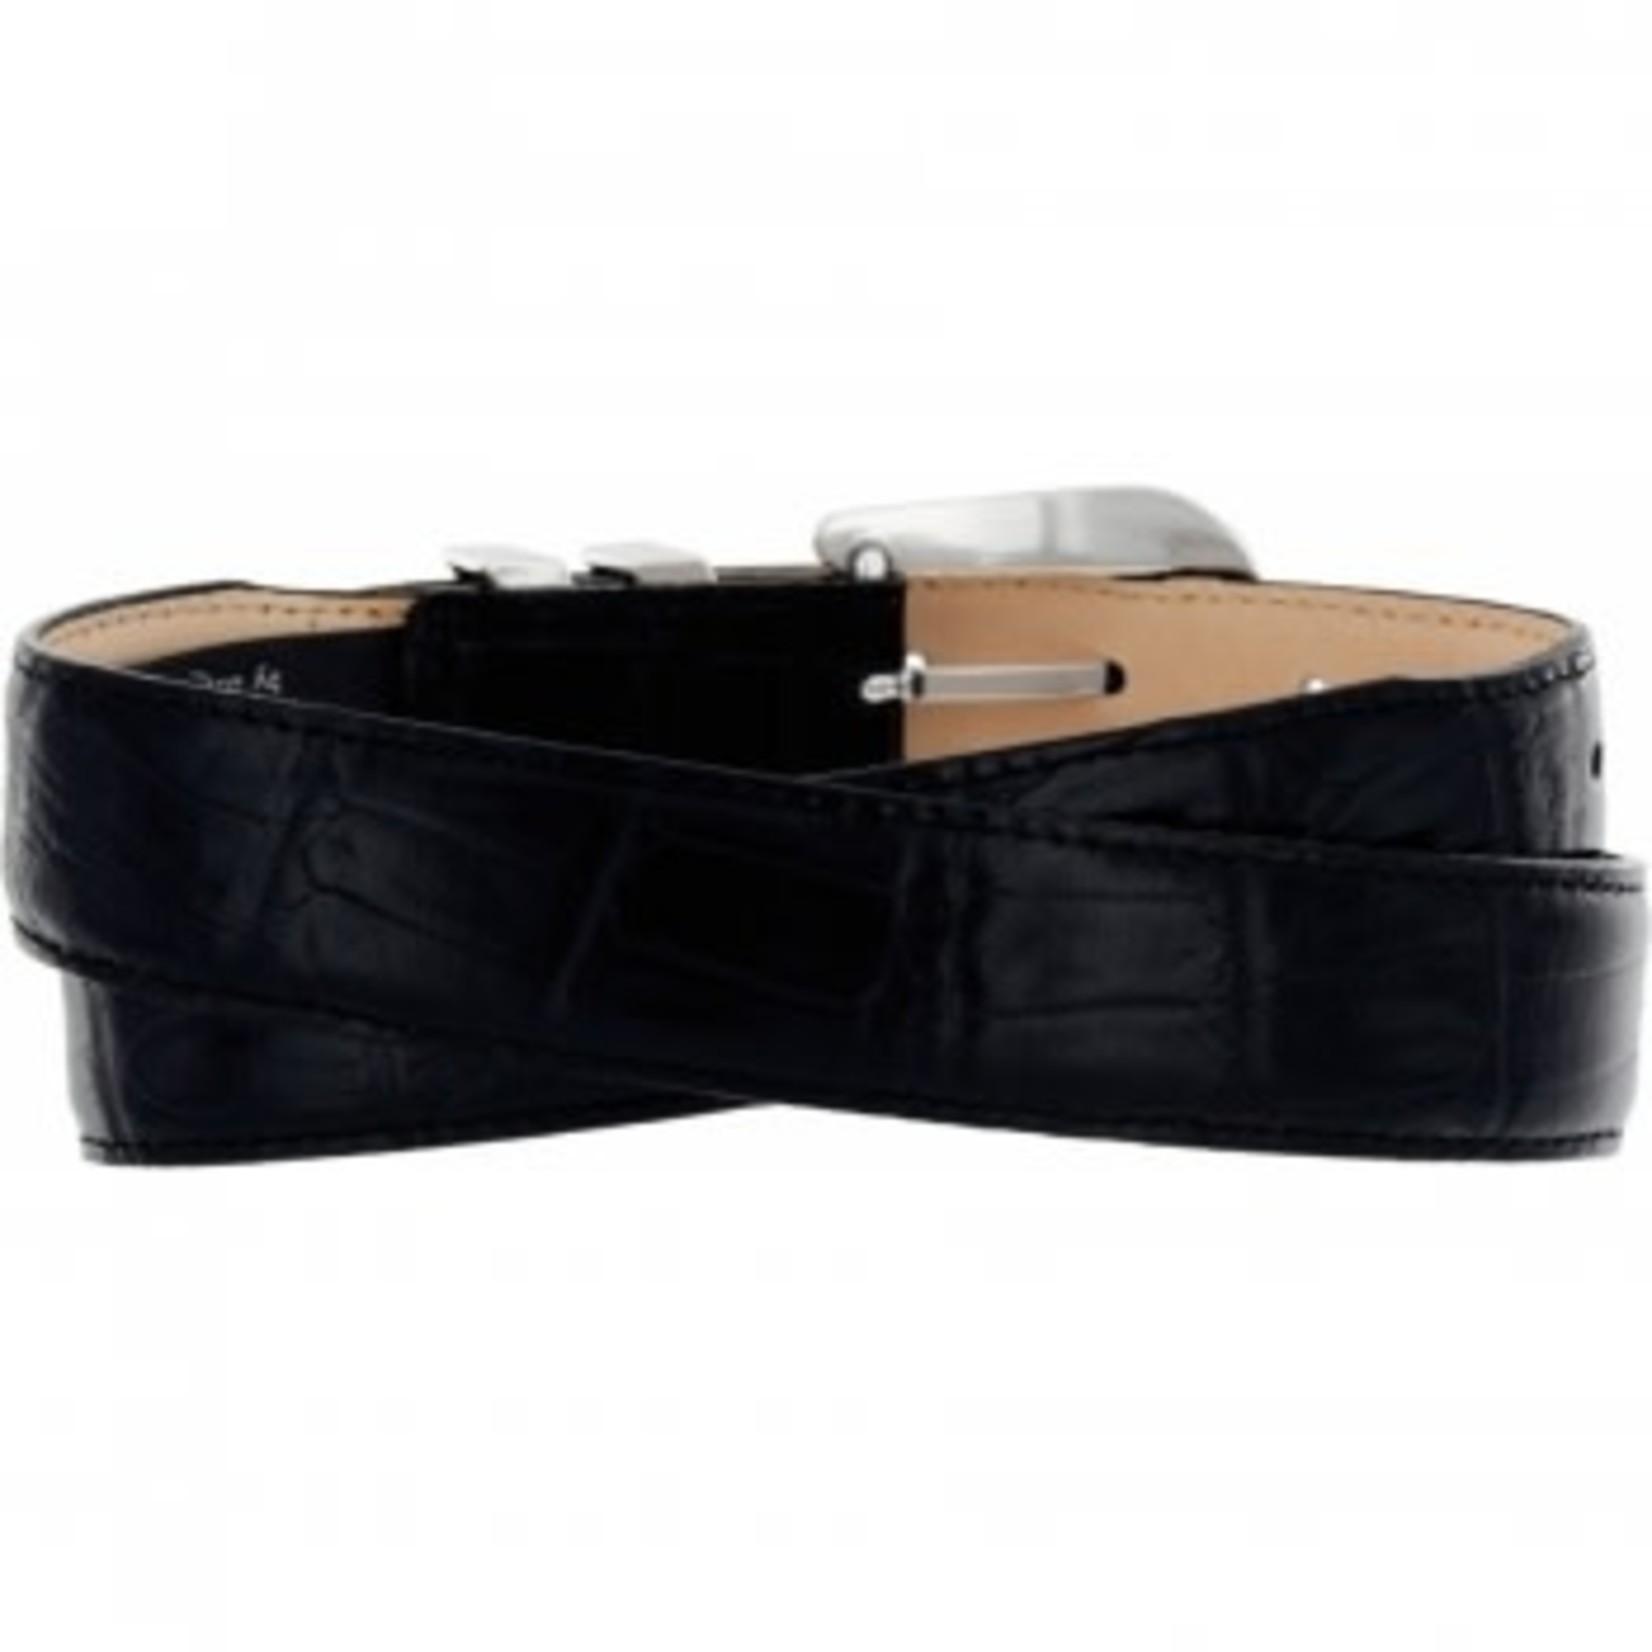 Brighton Catera Taper Crocodile Belt in Black Size 38